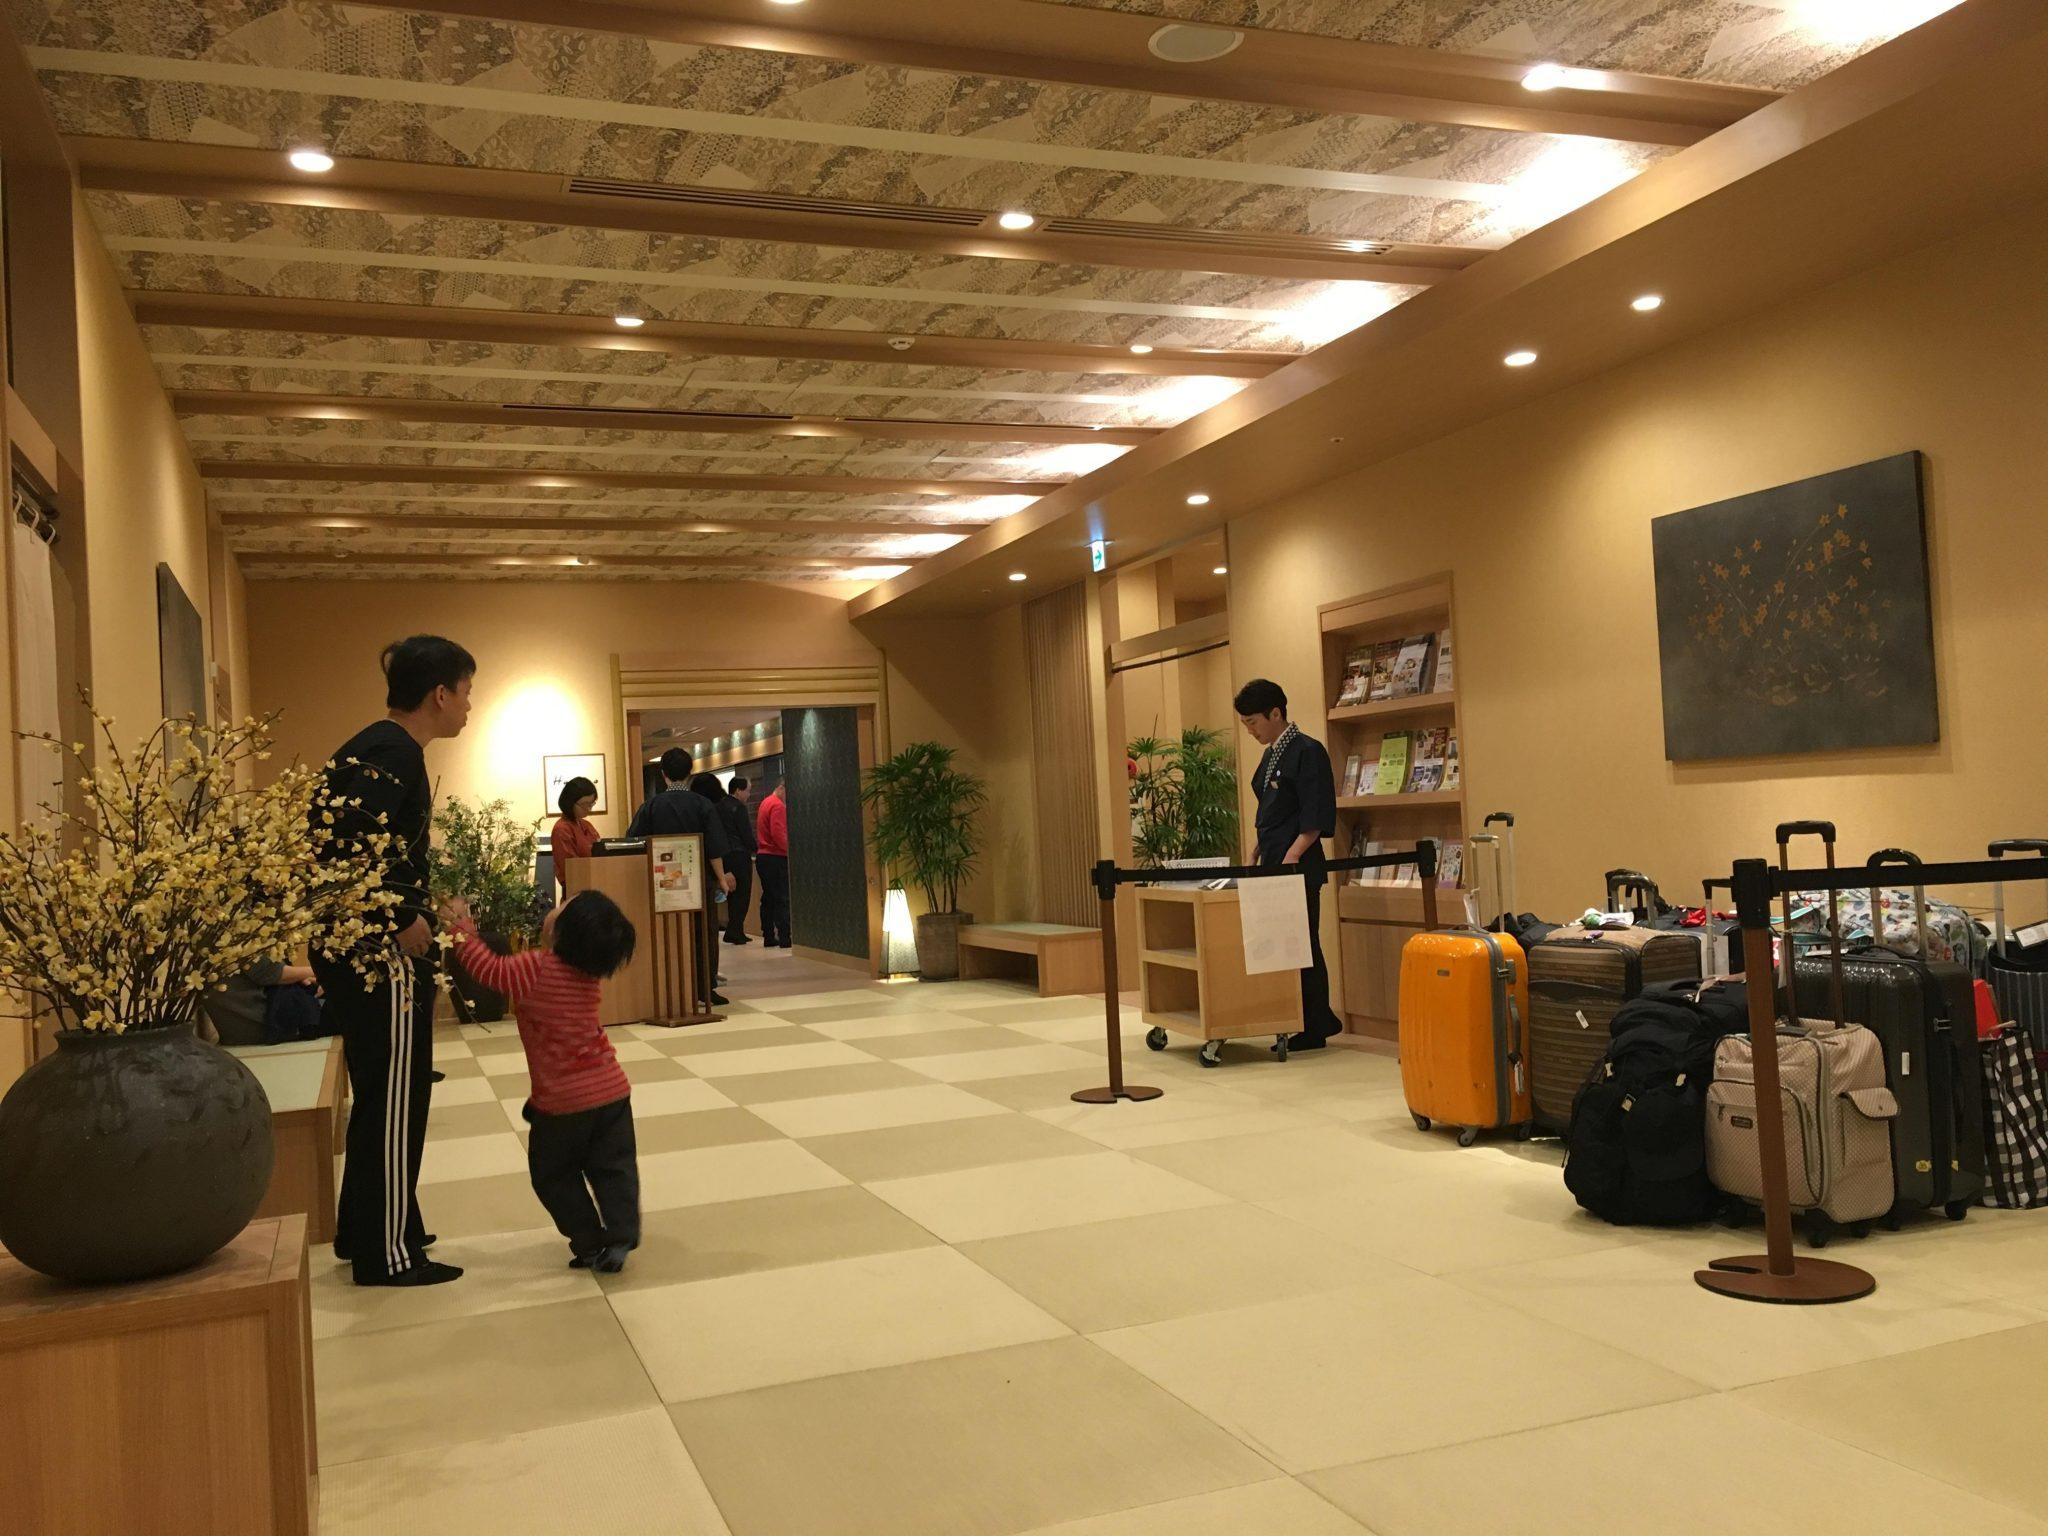 Onyado Nono Namba 호텔 1층